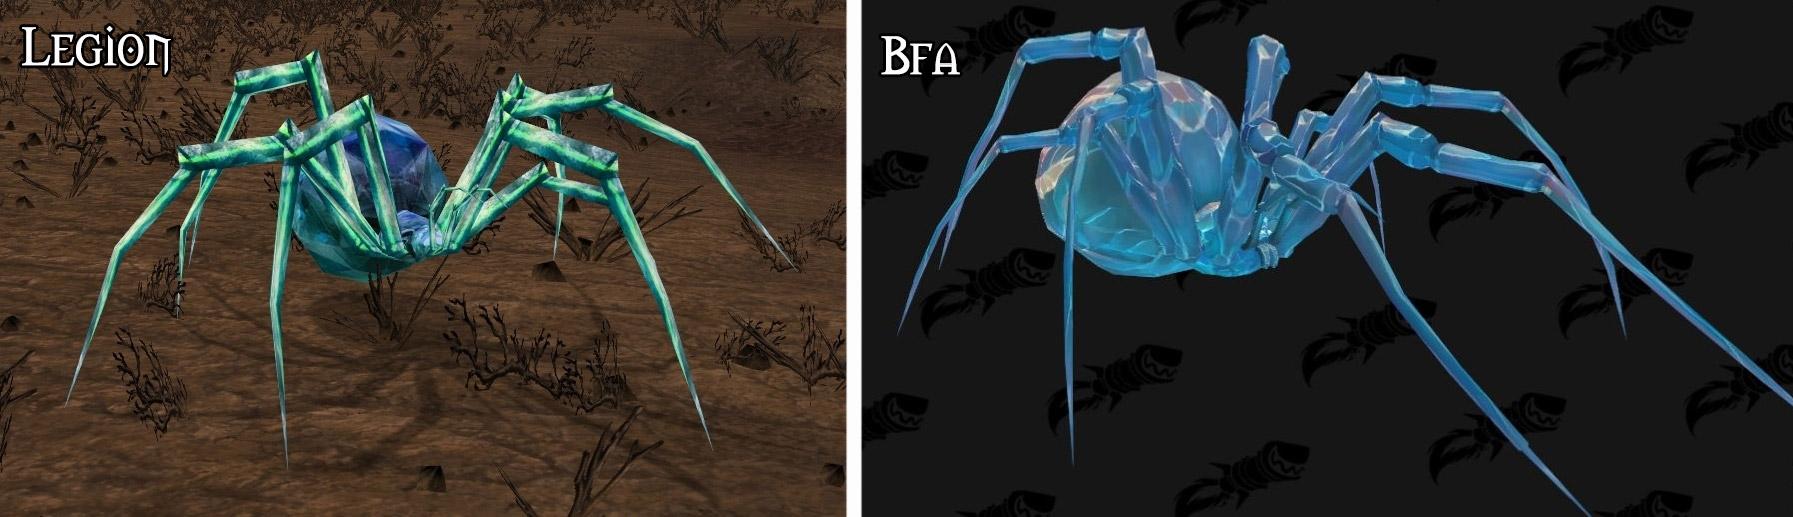 Refonte du modèle pour l'araignée minière à Battle for Azeroth